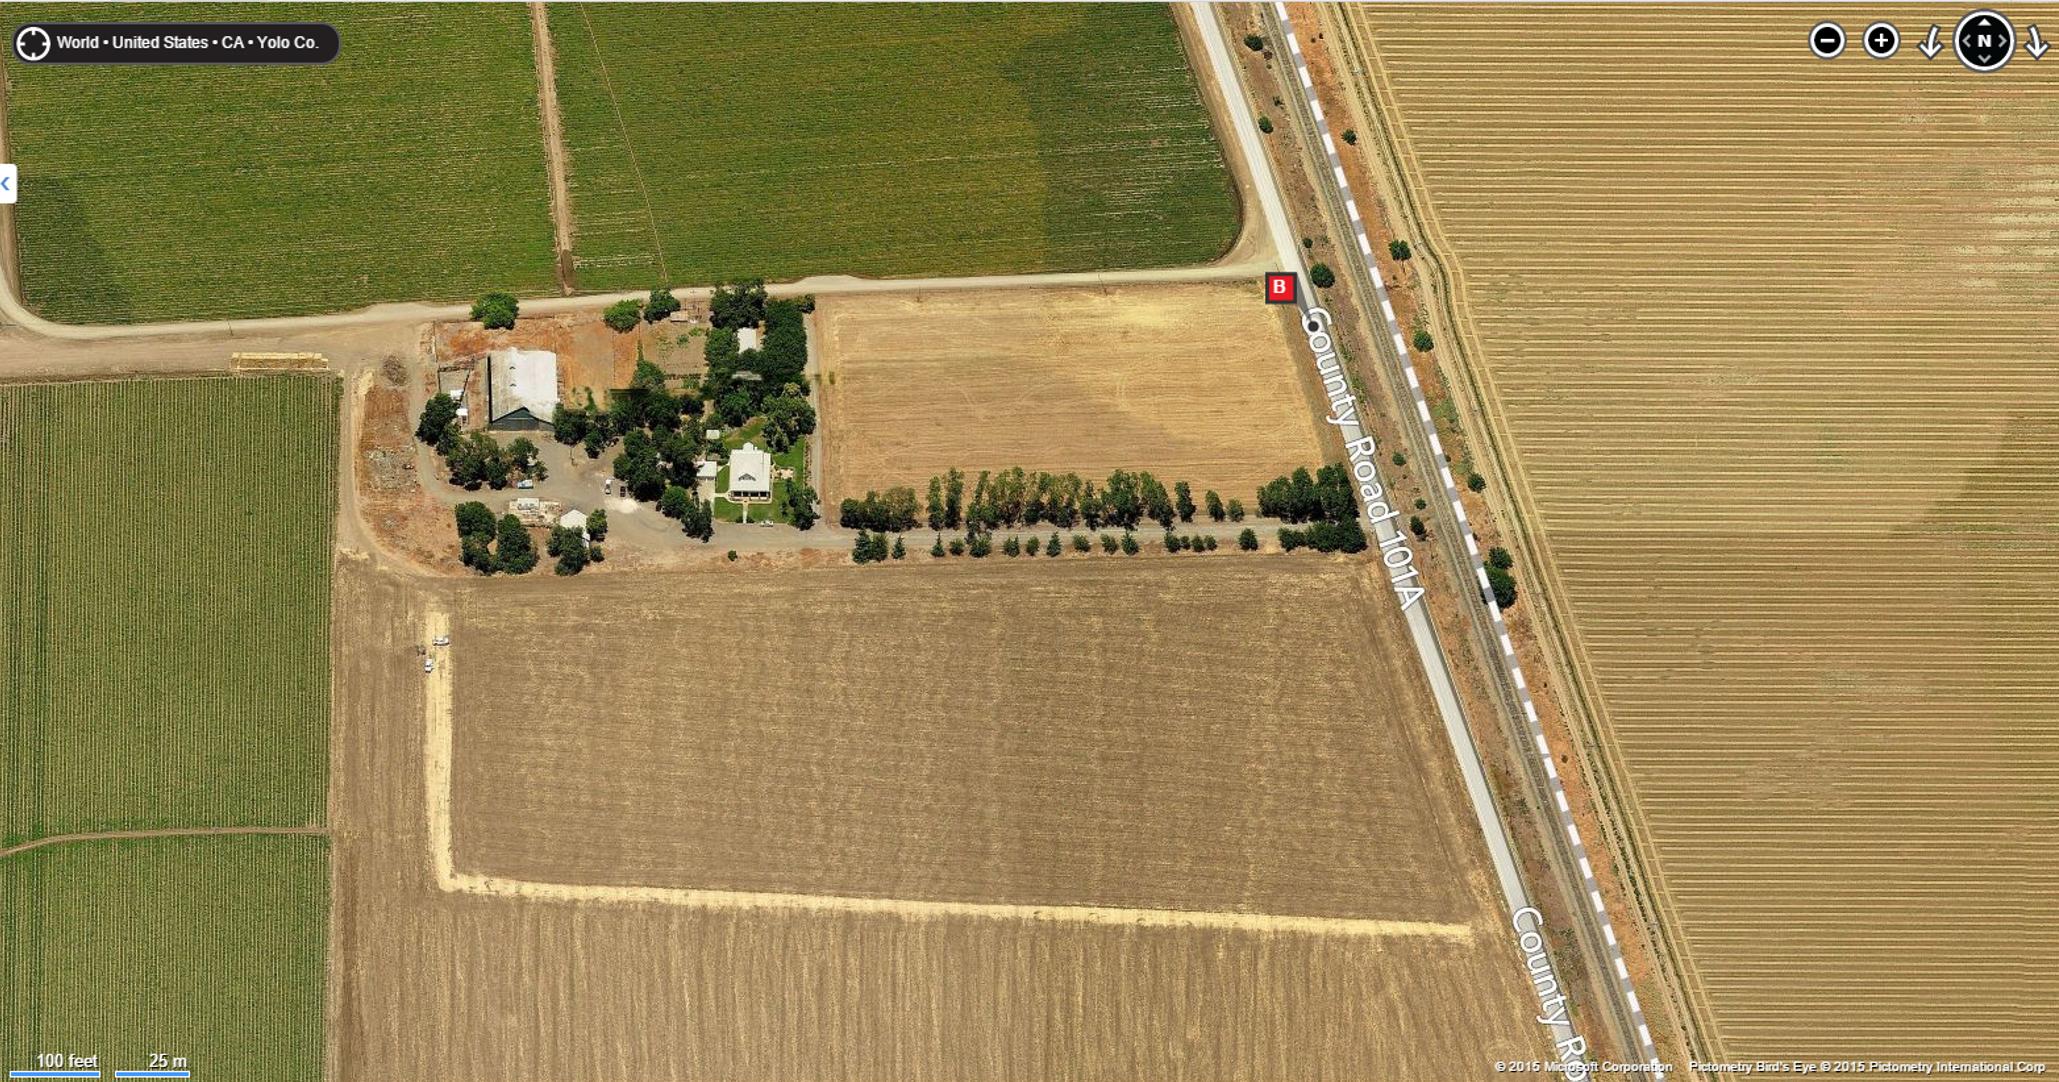 satelliteimage.jpg